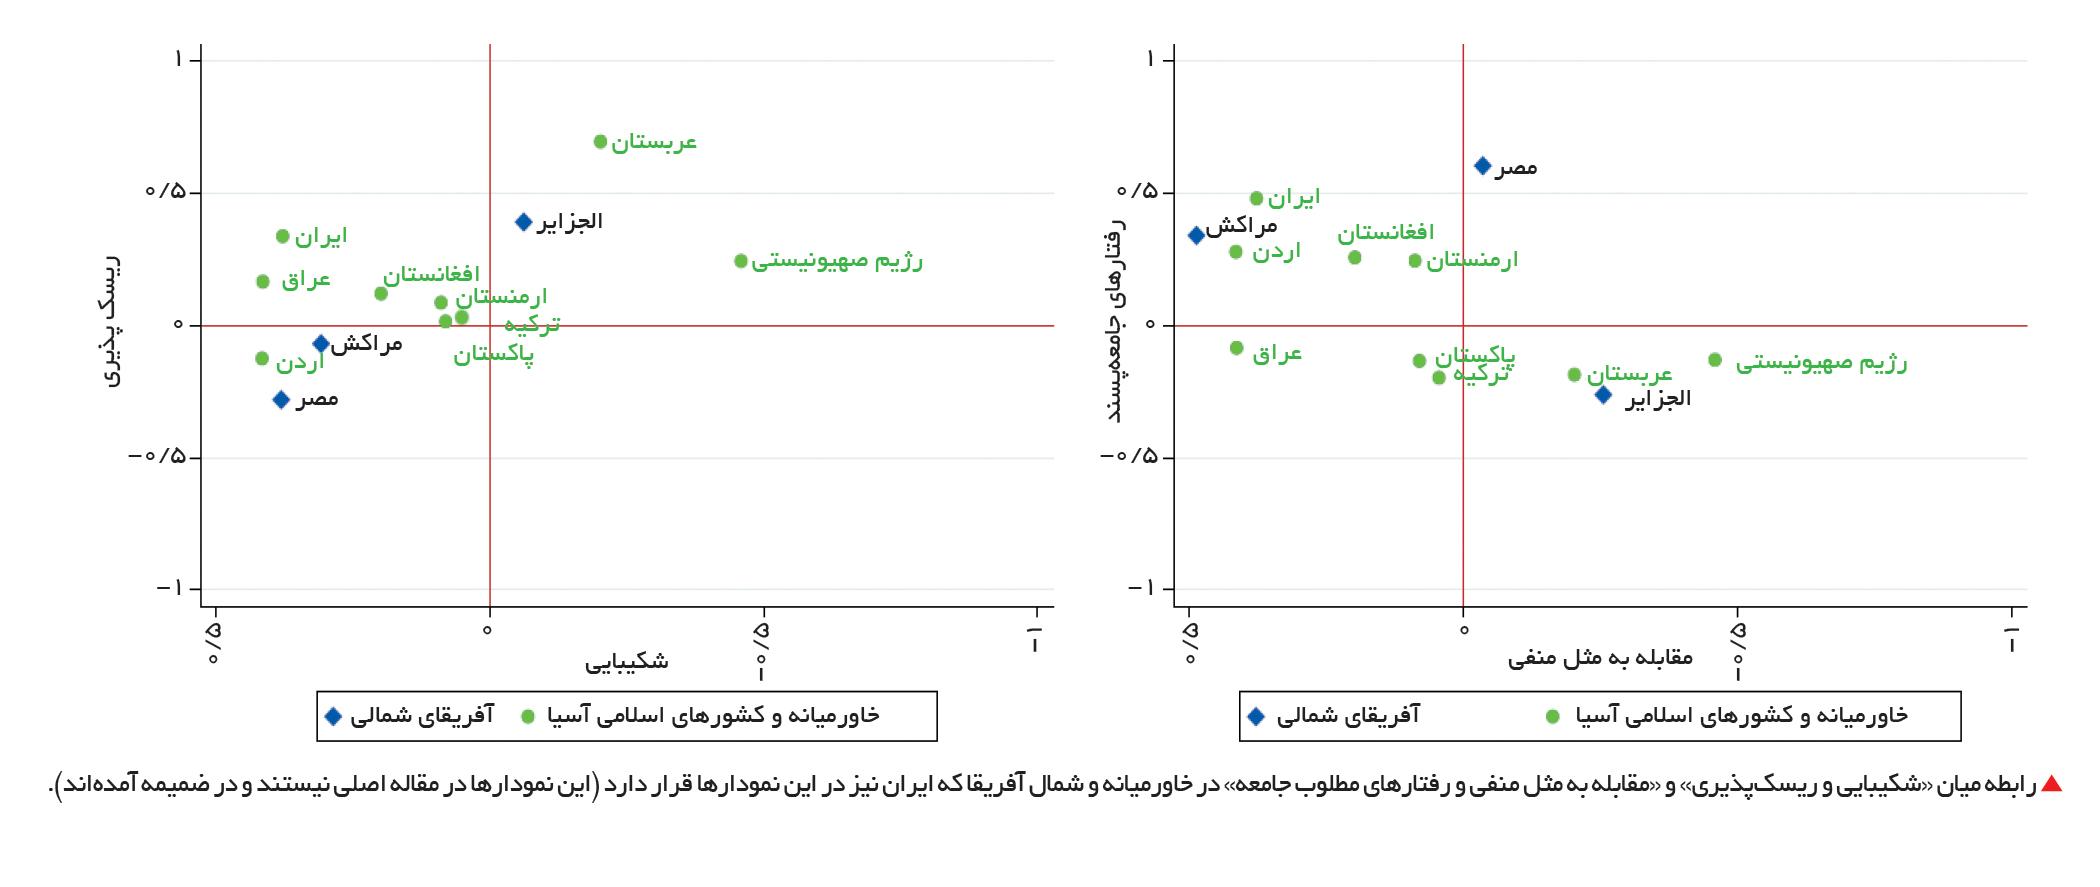 تجارت- فردا- رابطه میان «شکیبایی و ریسکپذیری» و «مقابله به مثل منفی و رفتارهای مطلوب جامعه» در خاورمیانه و شمال آفریقا که ایران نیز در این نمودارها قرار دارد (این نمودارها در مقاله اصلی نیستند و در ضمیمه آمدهاند).